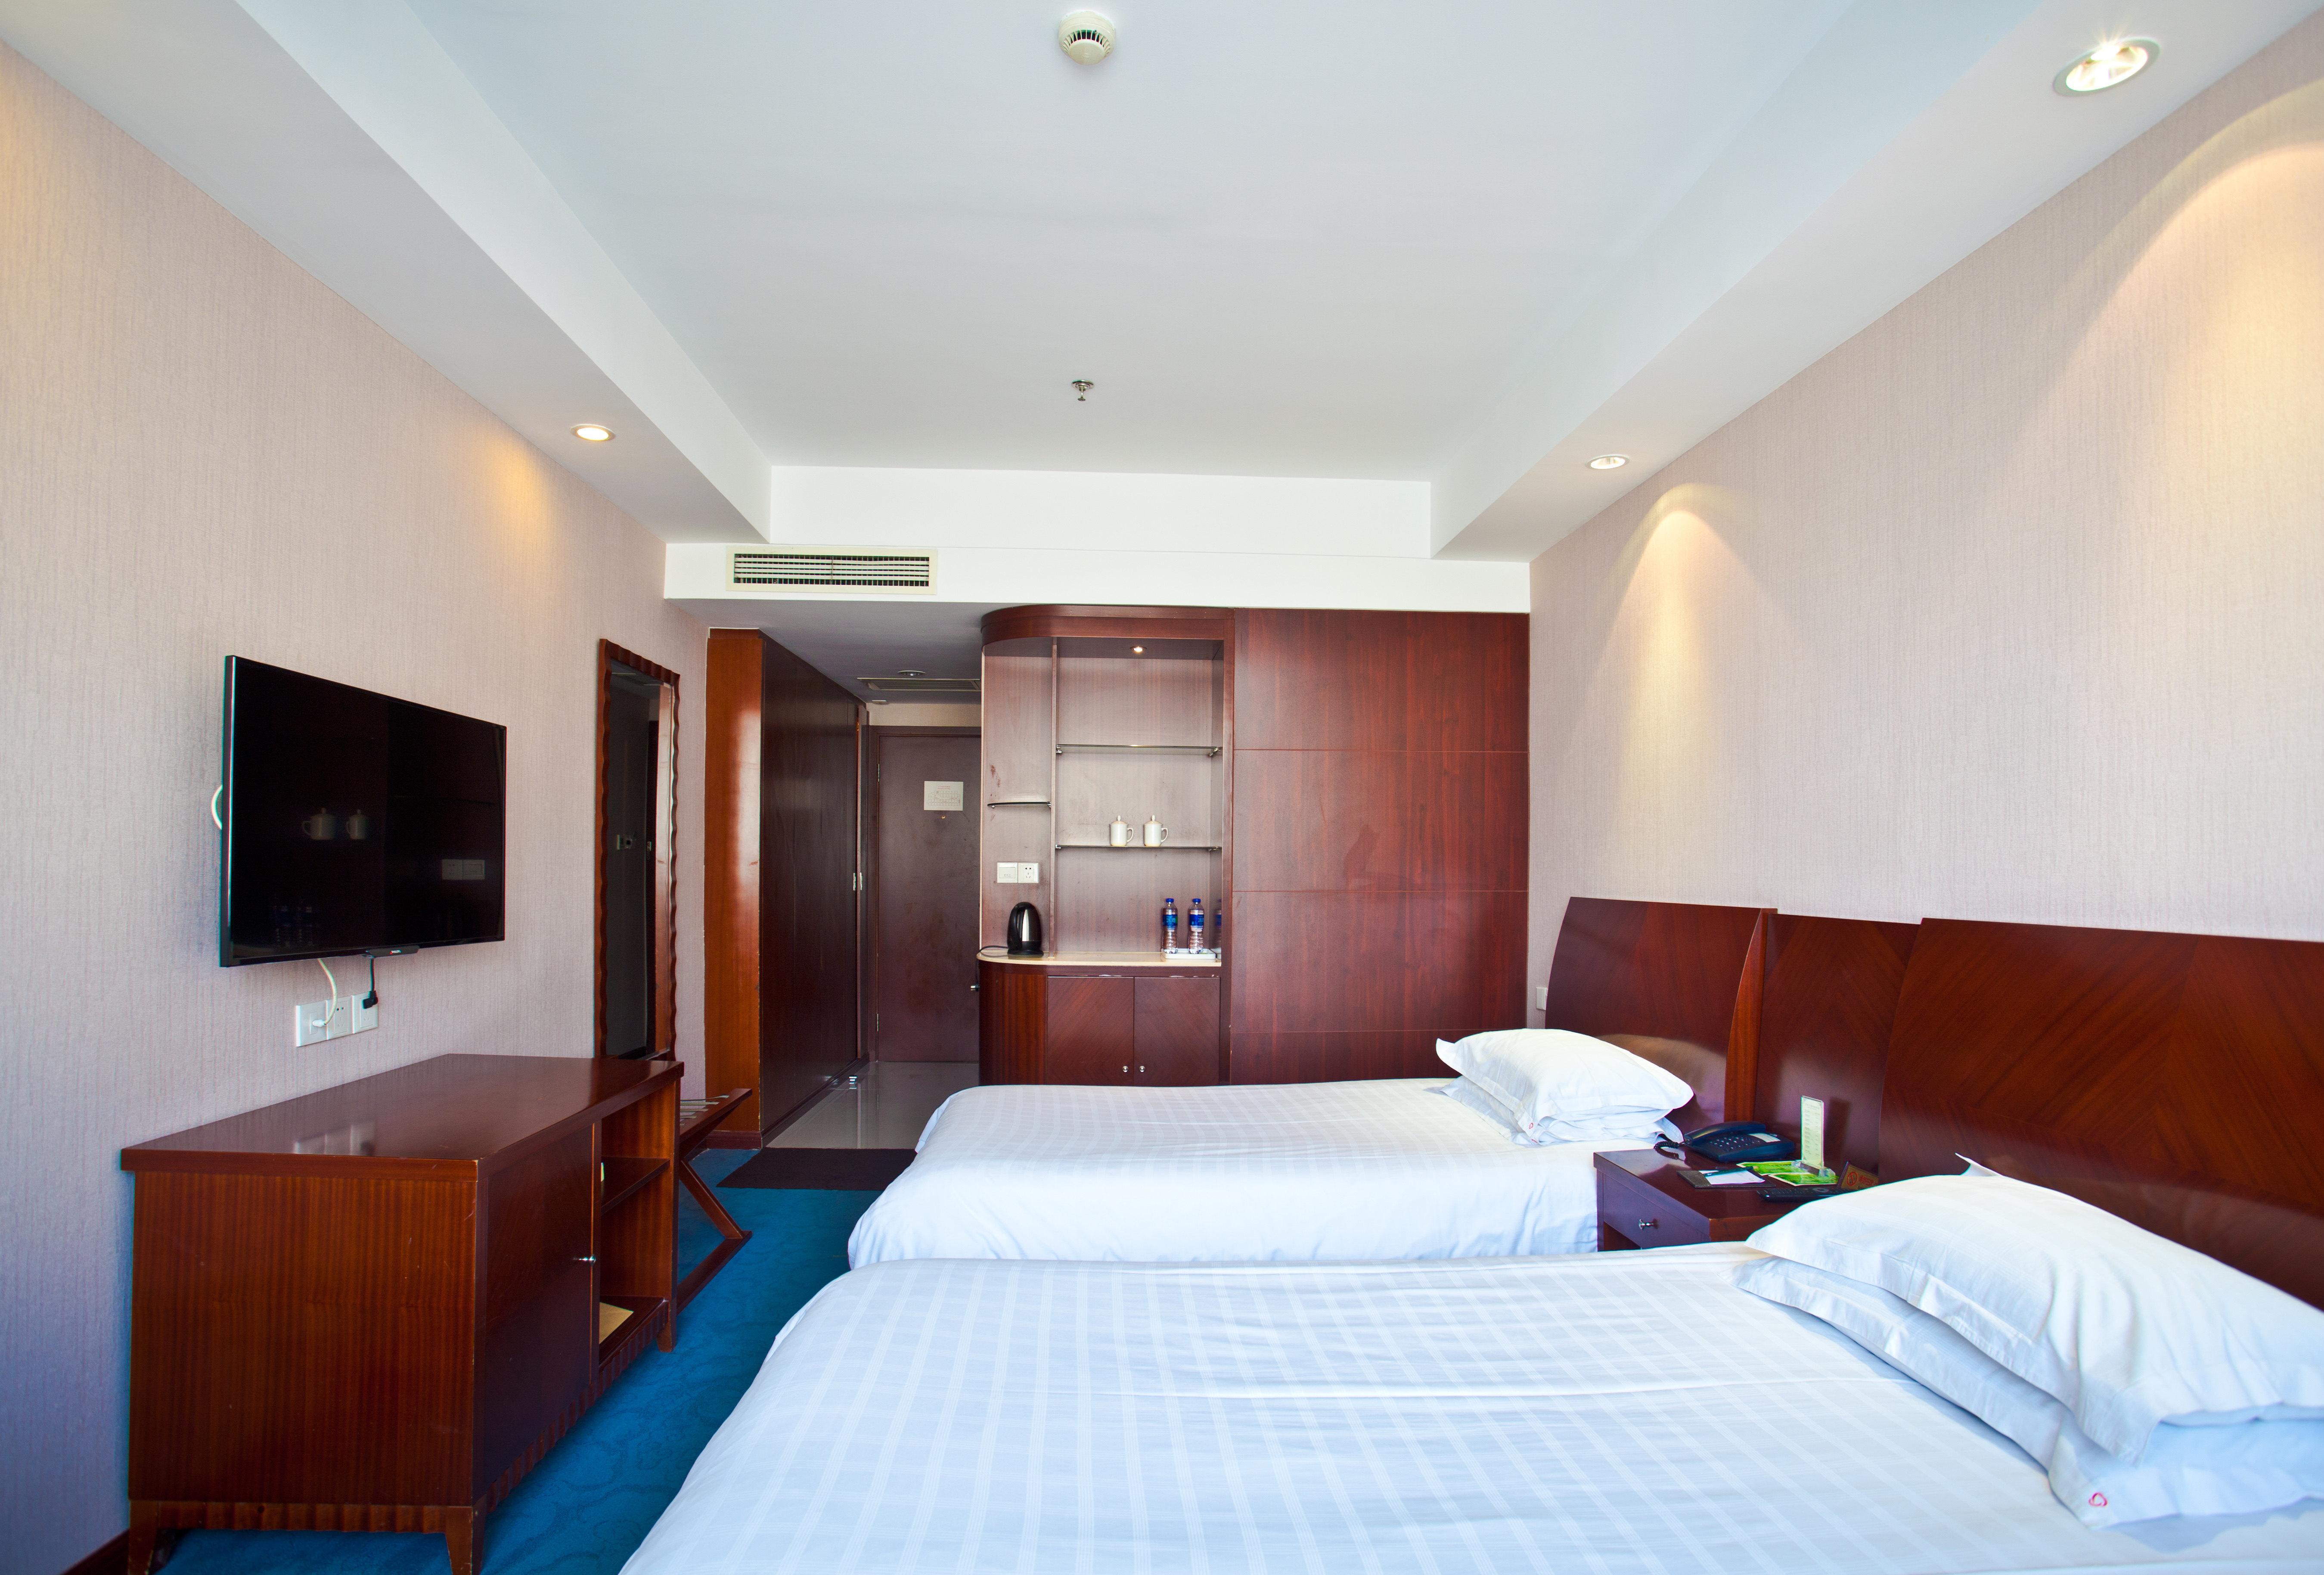 背景墙 房间 家居 酒店 设计 卧室 卧室装修 现代 装修 5397_3657